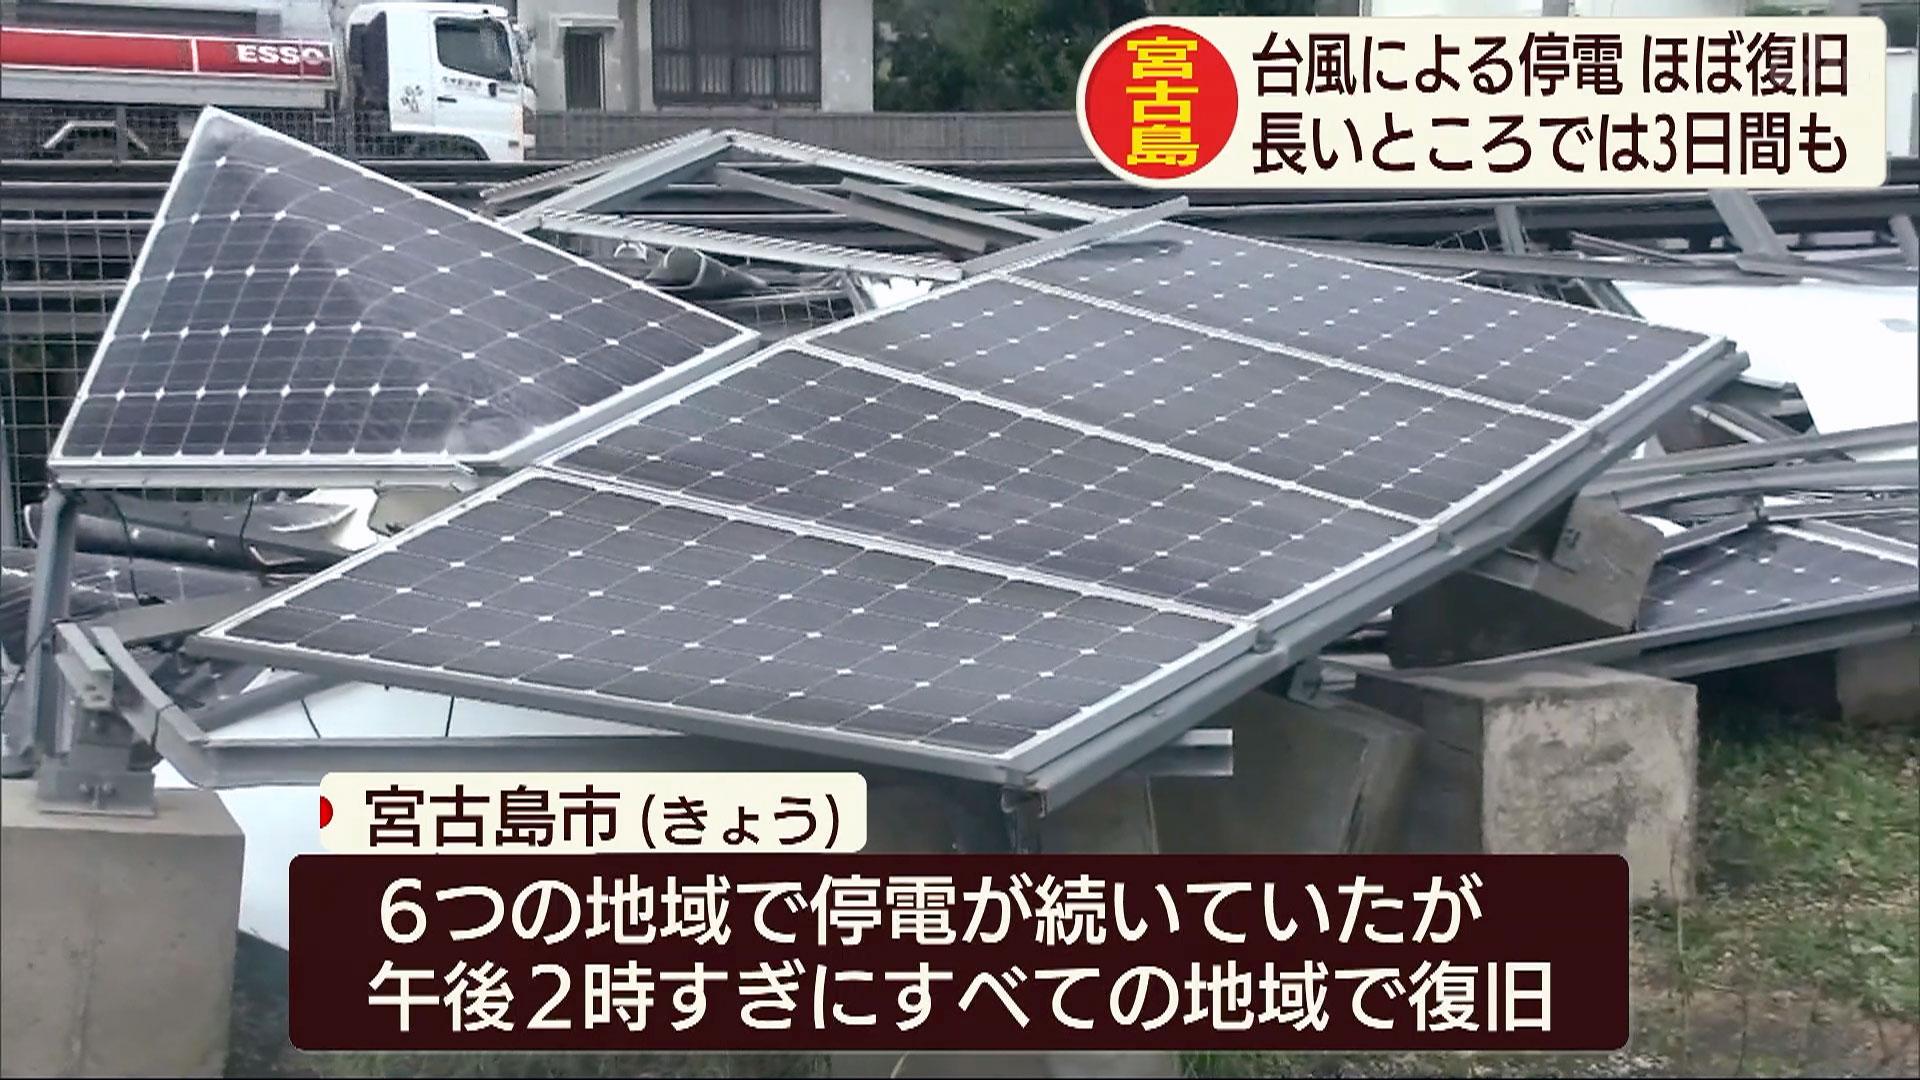 台風13号 宮古島市の停電ほぼ復旧